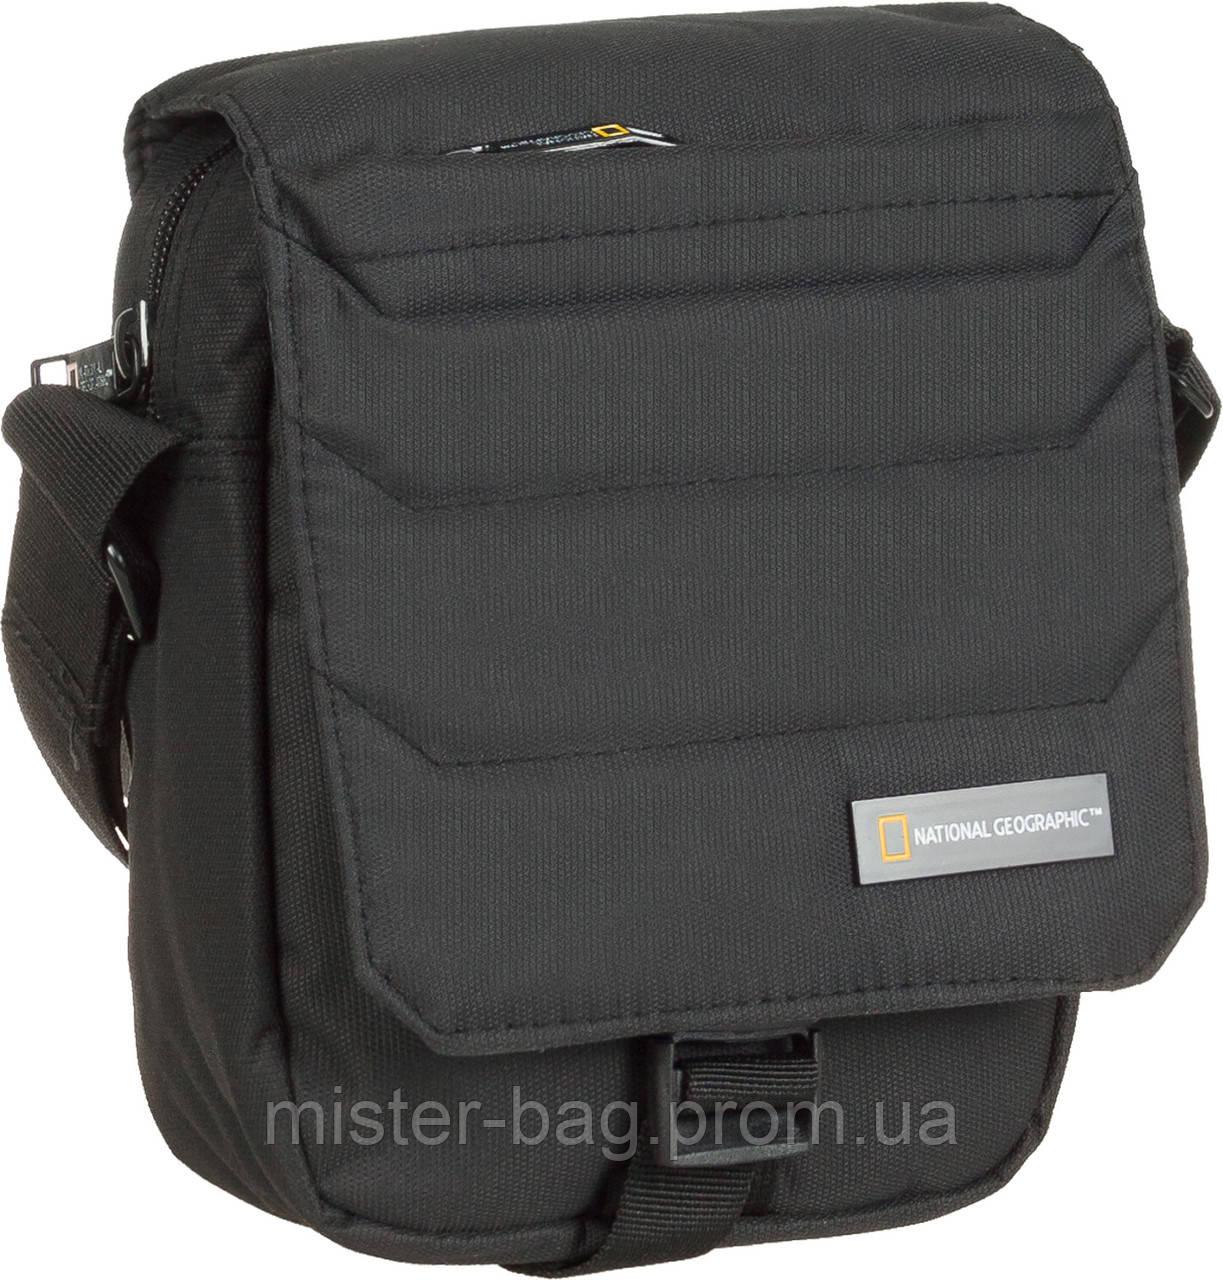 f6decd1a248a Сумка повседневная National Geographic Pro N00705;06 черный -  Специализированный магазин сумок